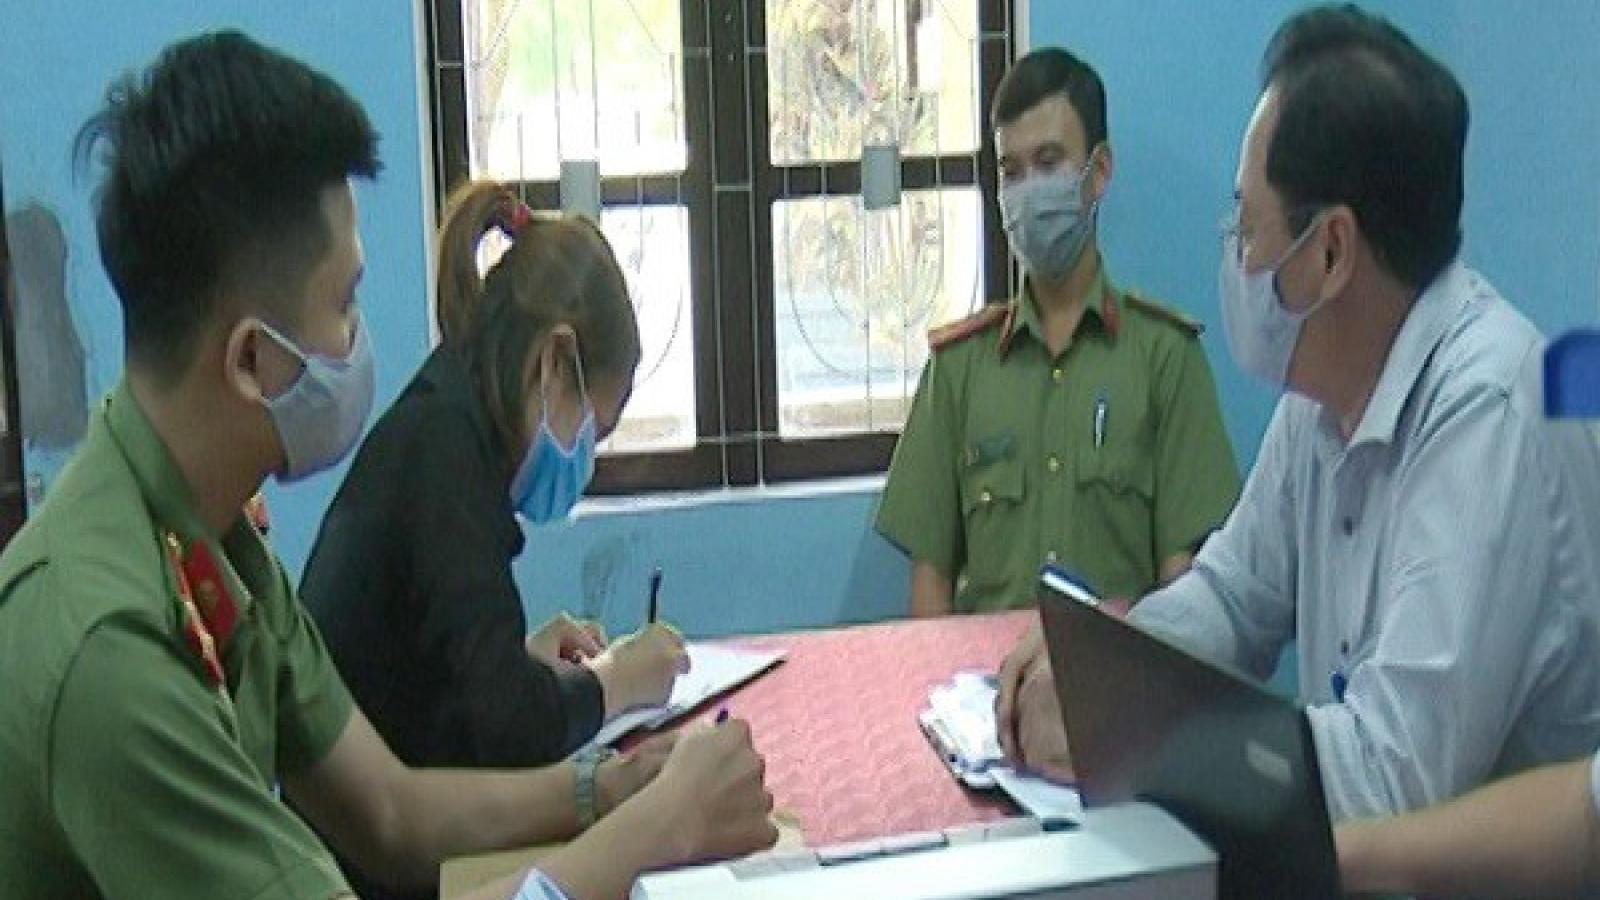 Tung tin sai về Covid-19, cô gái tại Huế bị phạt 5 triệu đồng